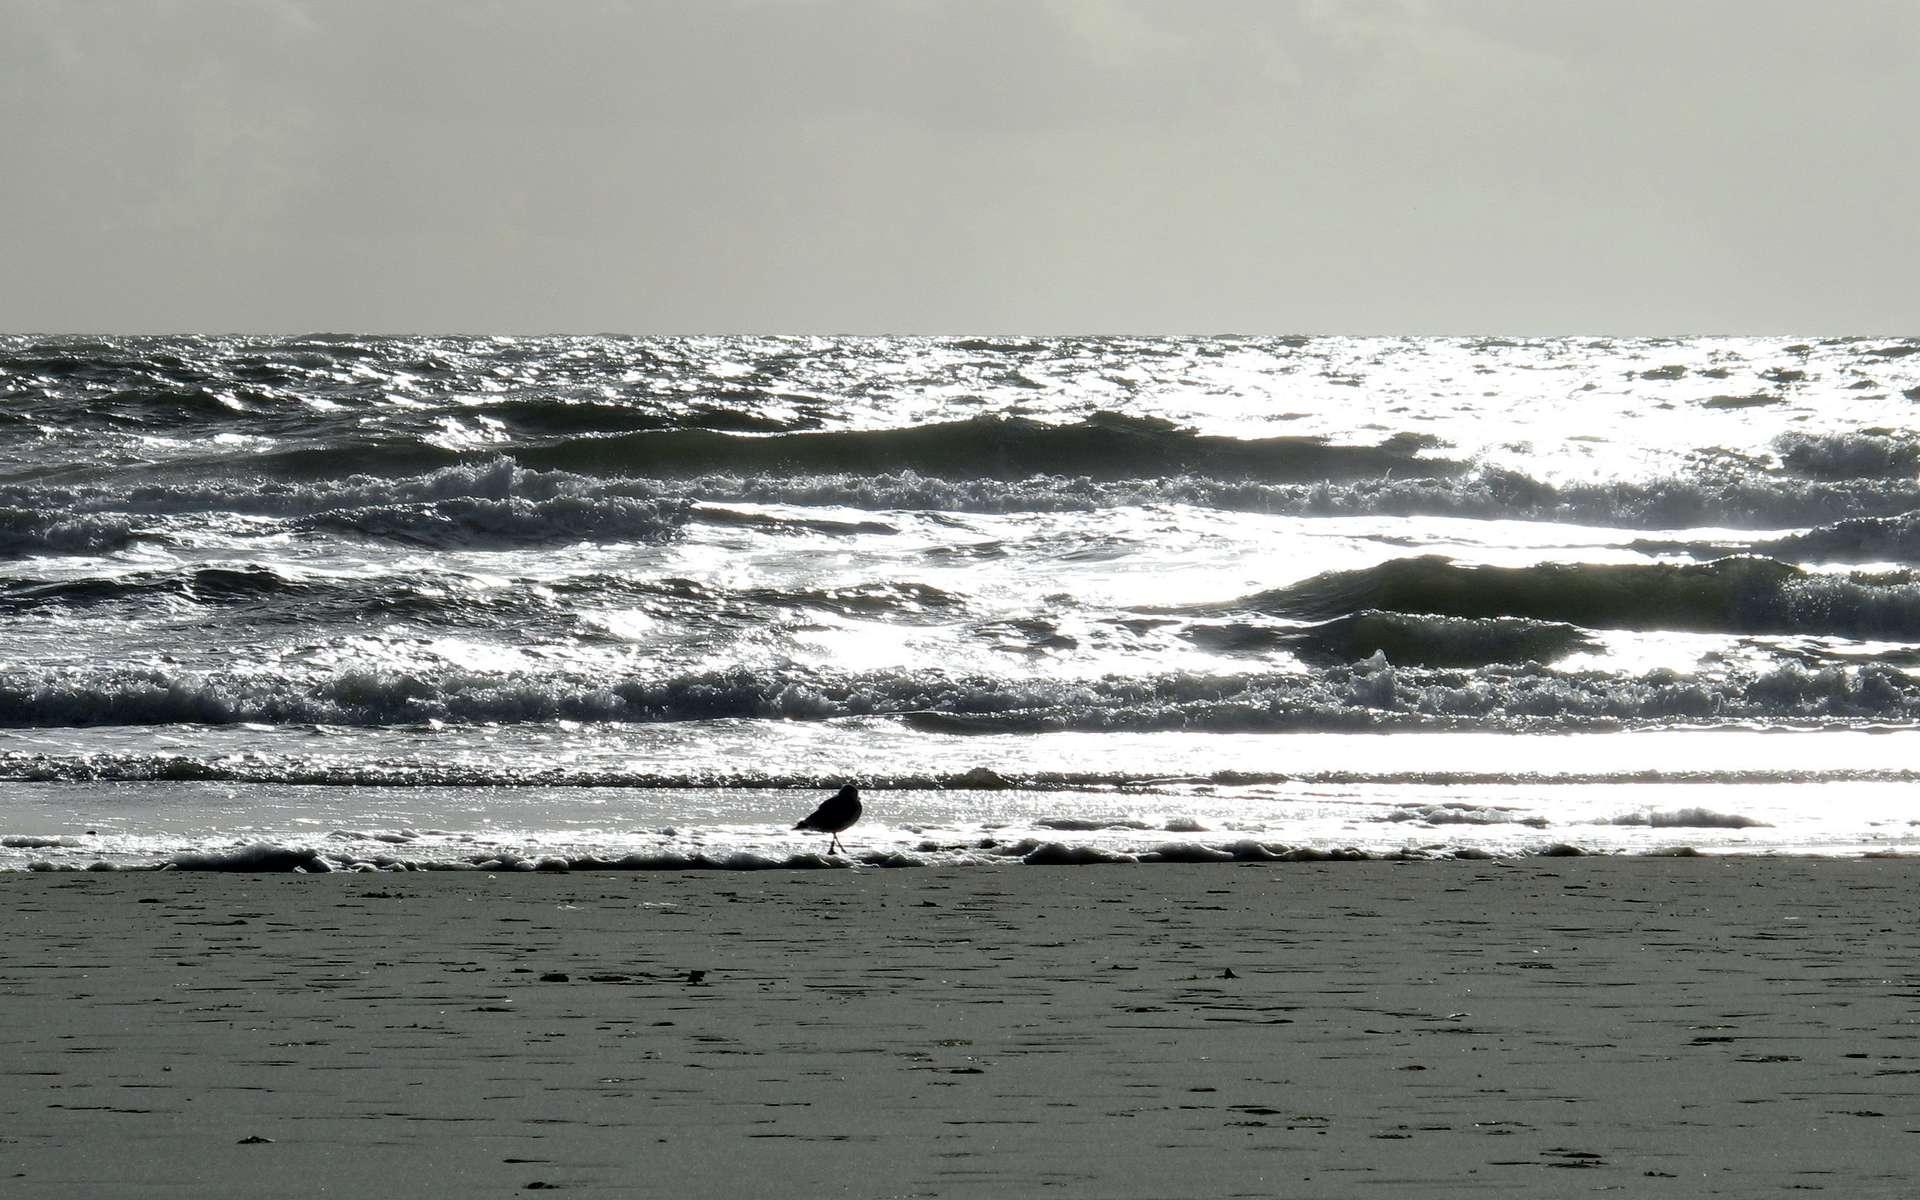 La hausse du niveau de la mer est un problème majeur. Nombre de villes se situent sur les littoraux. Si l'on en croit les dernières prévisions du Giec, le niveau moyen des océans devrait s'élever de 18 à 59 cm d'ici 2100. © Belladonna, cc by nc sa 3.0